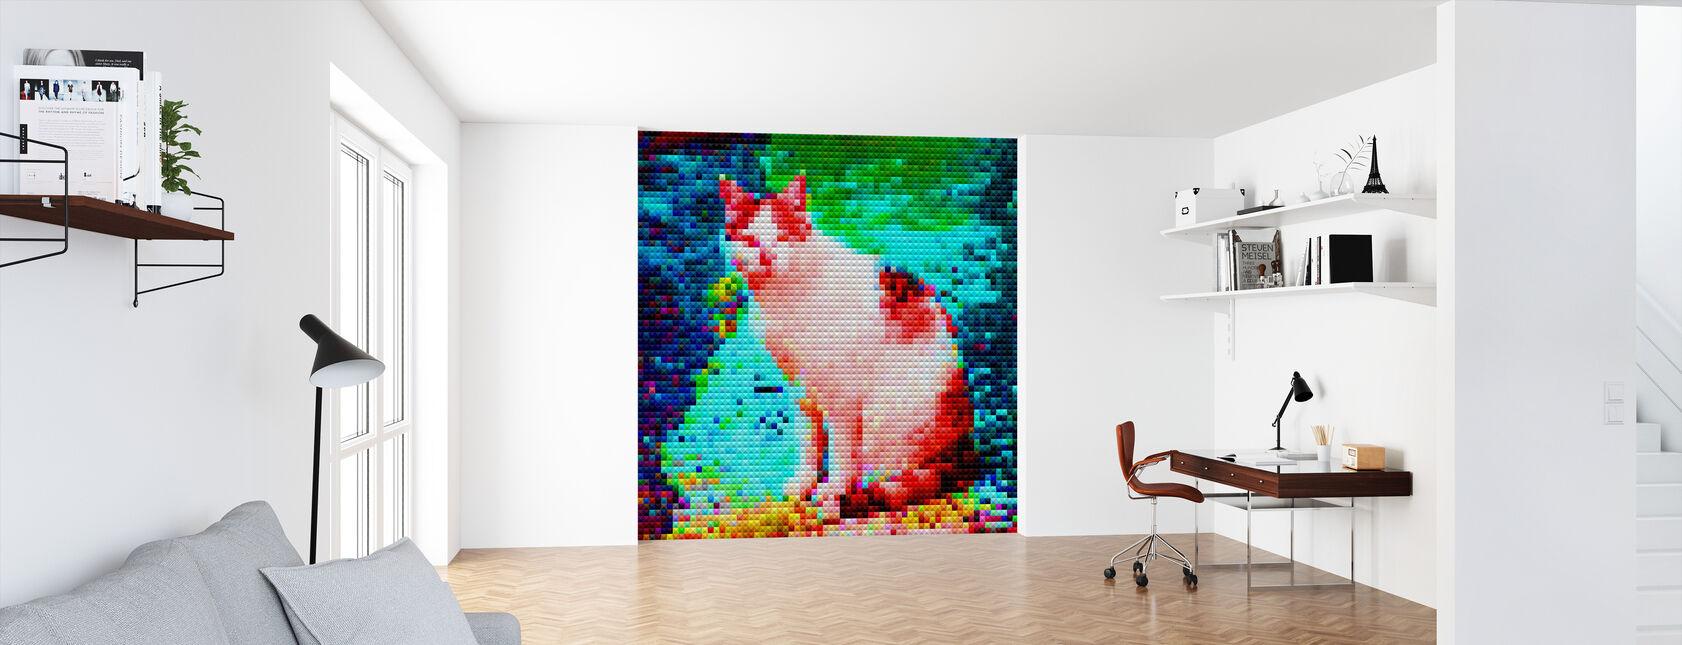 Mosaic Cat - Wallpaper - Office